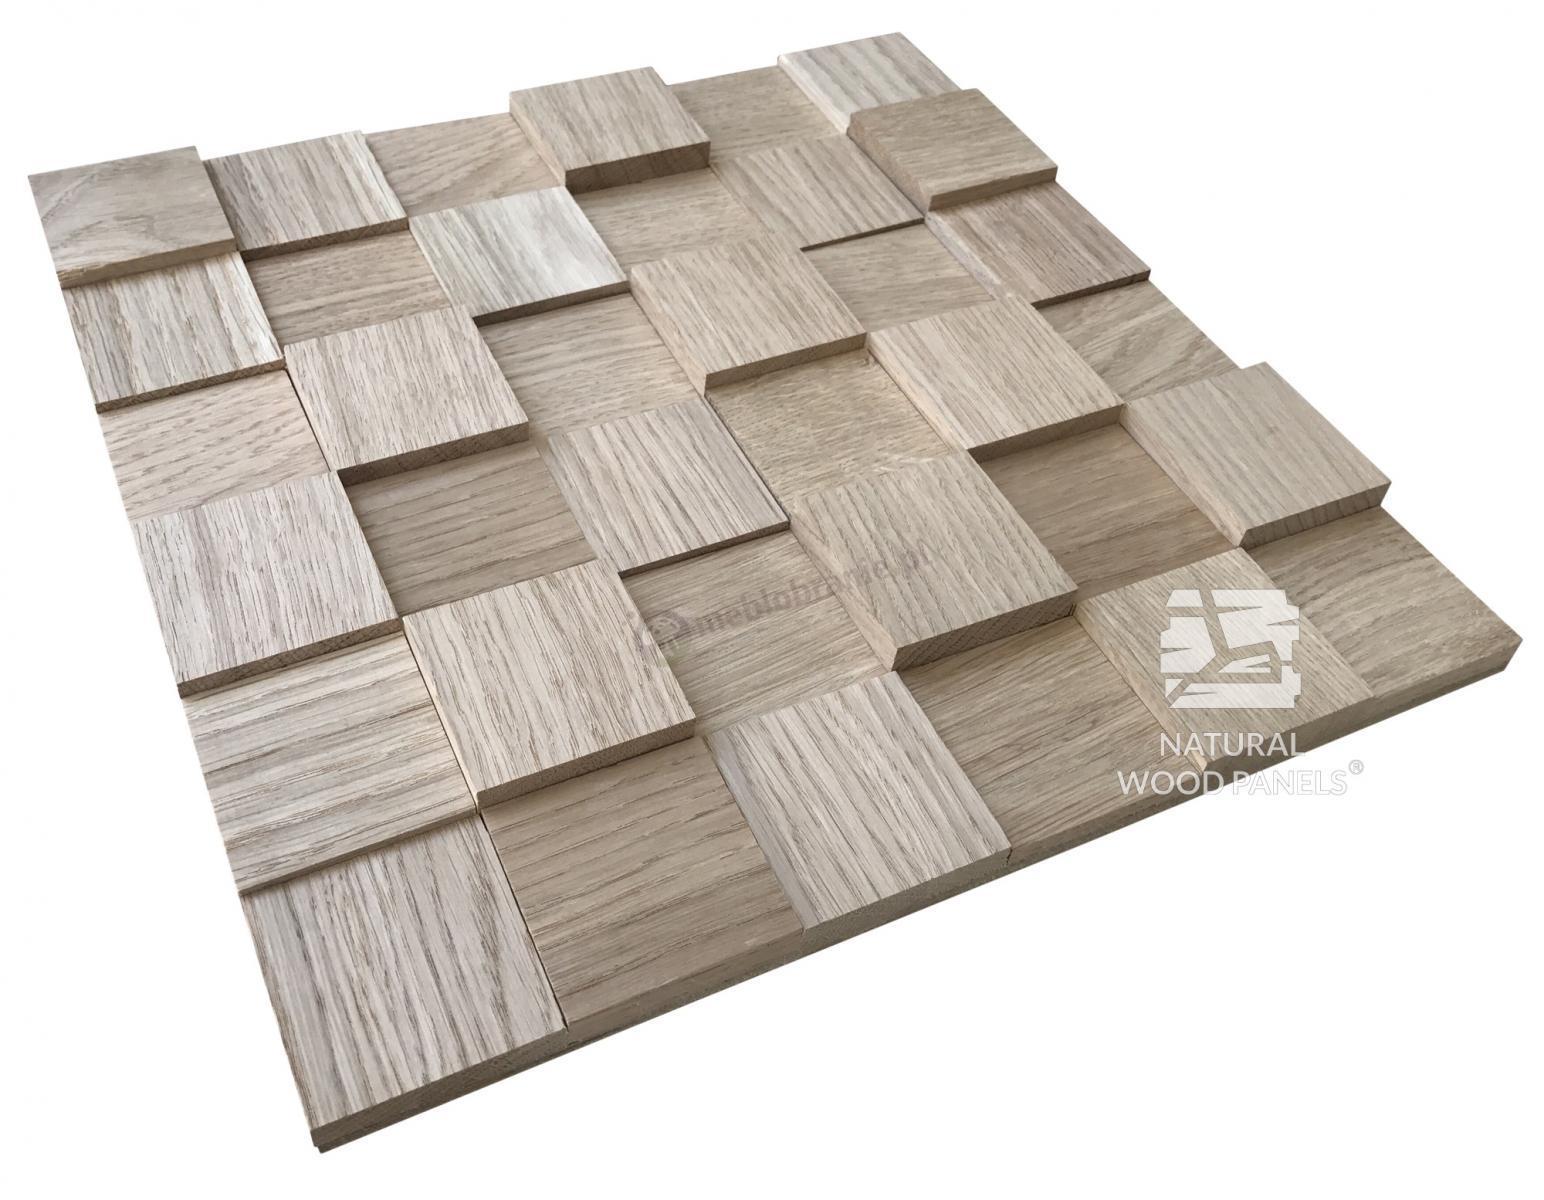 Dąb naturalny – surowy kostka gładka *044 Natural Wood